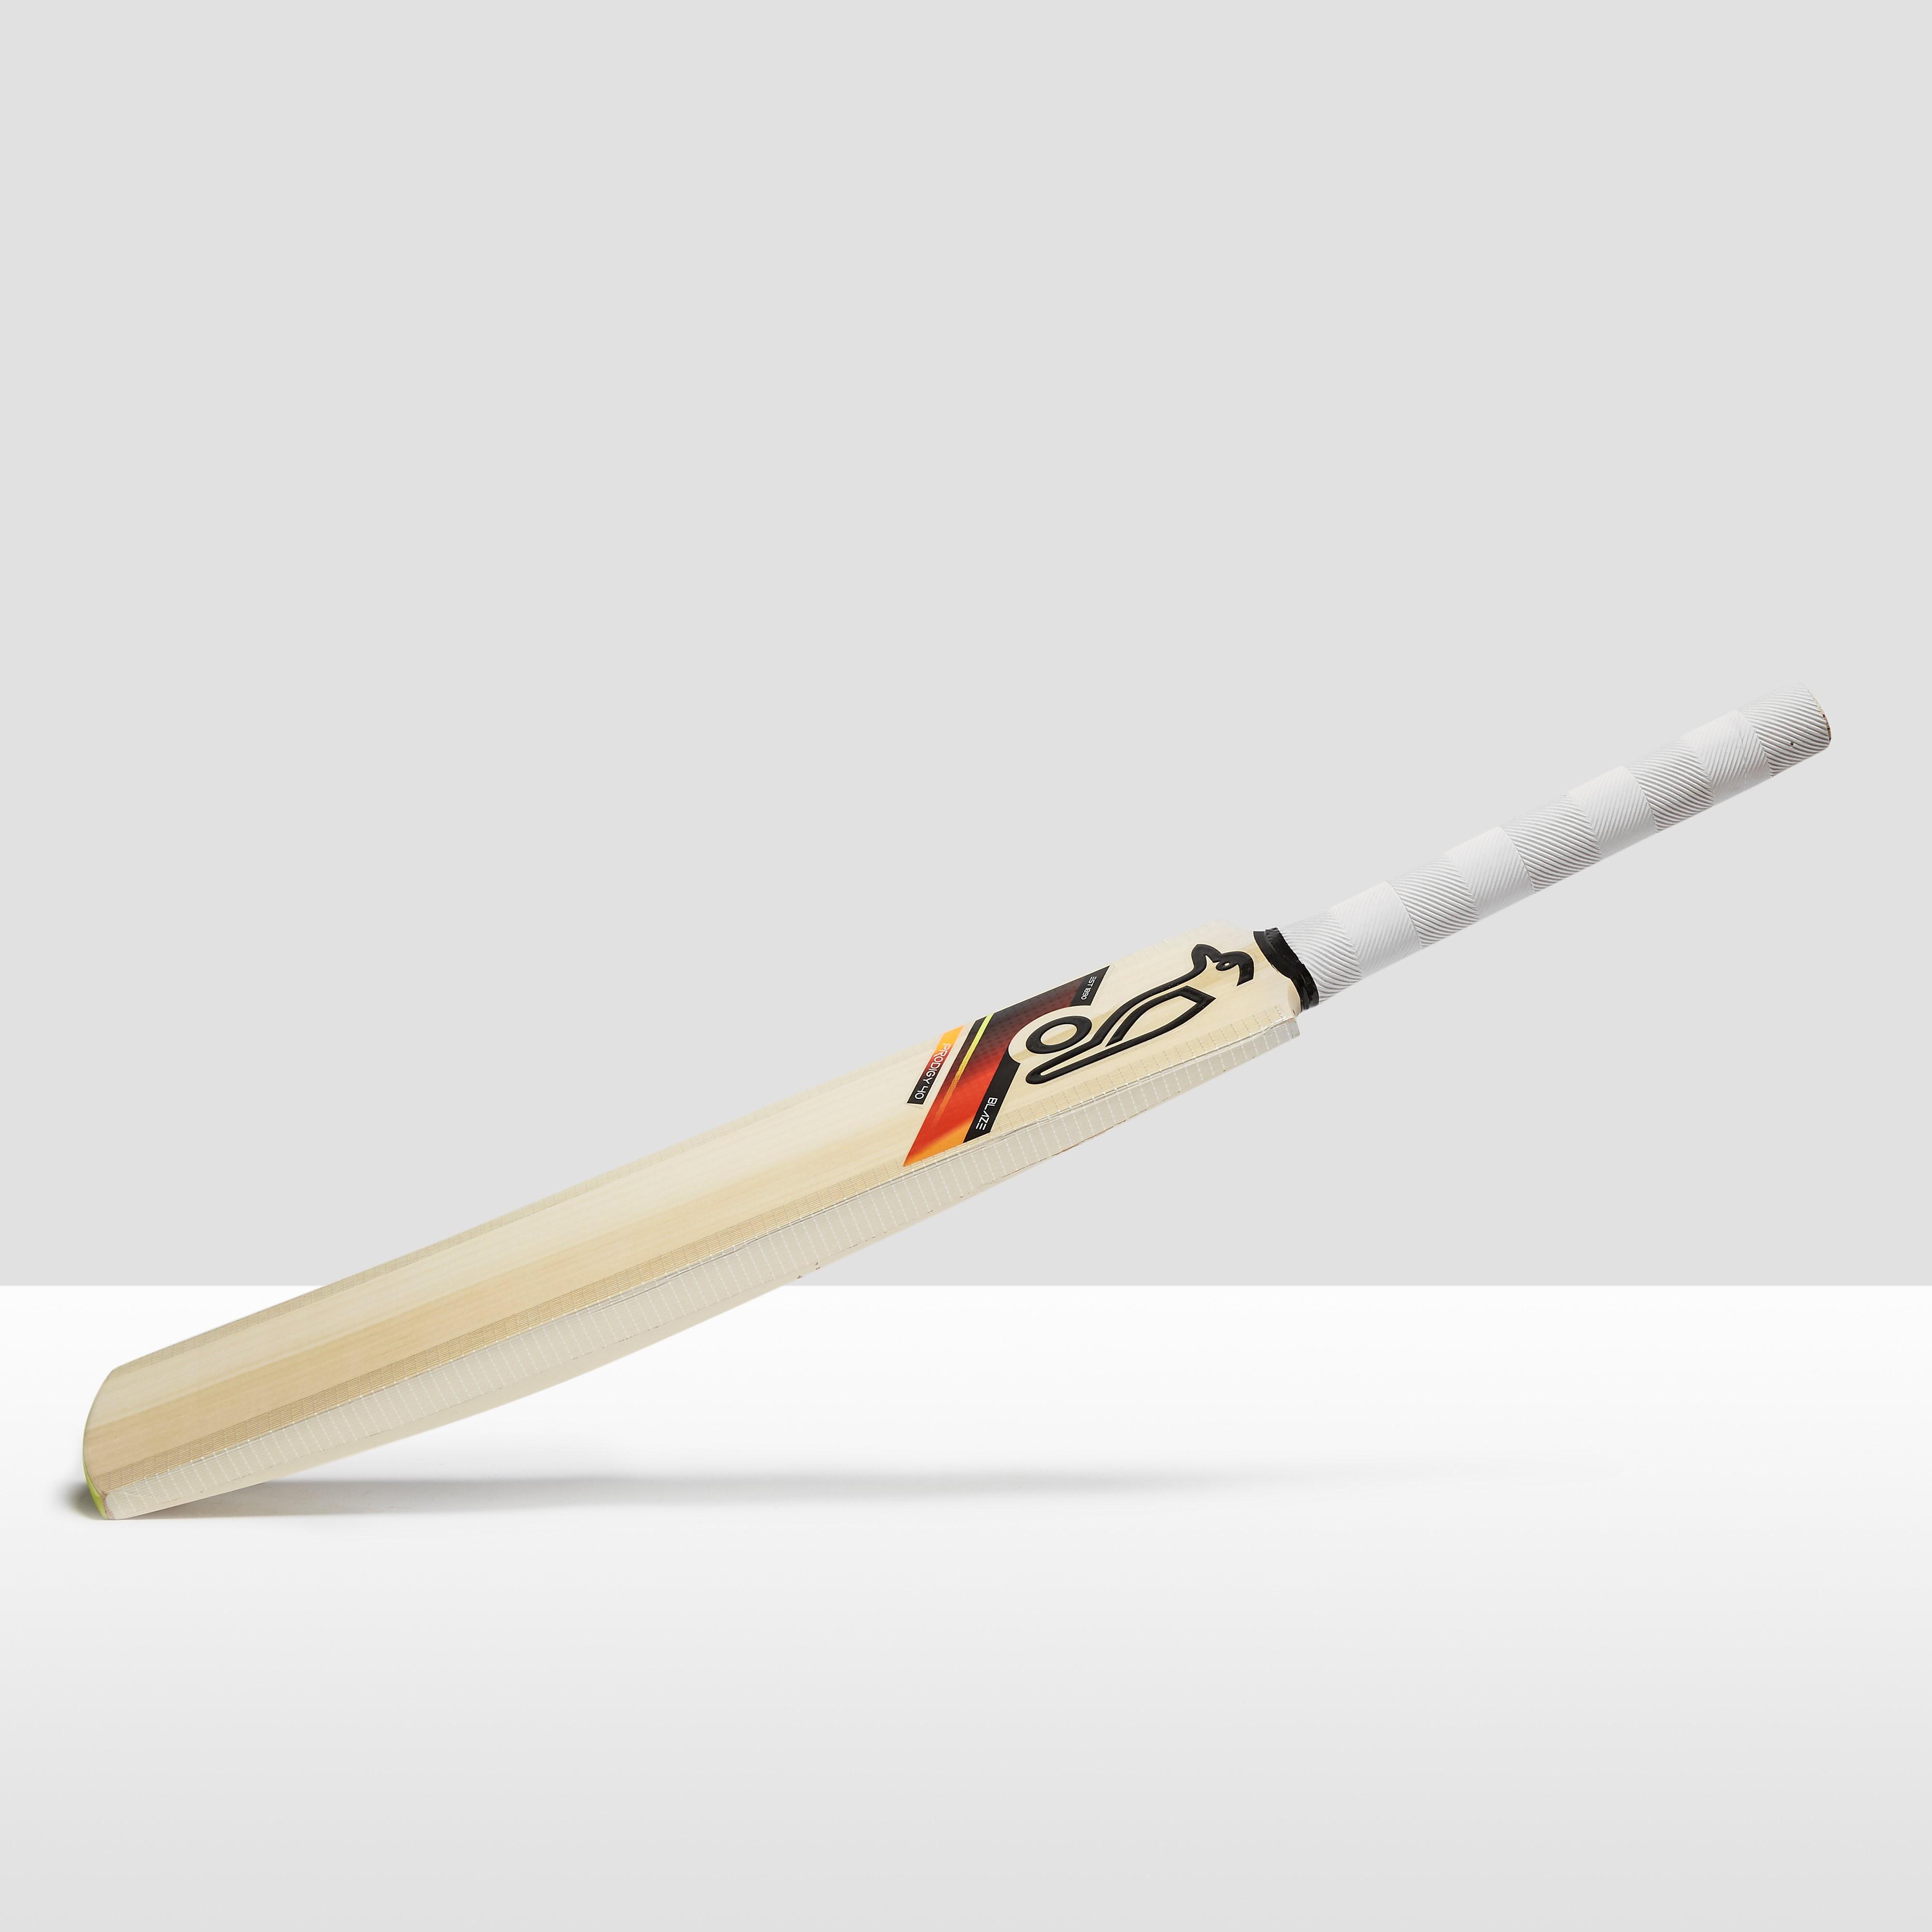 Kookaburra Blaze Prodigy 40 Kashmir Cricket Bat